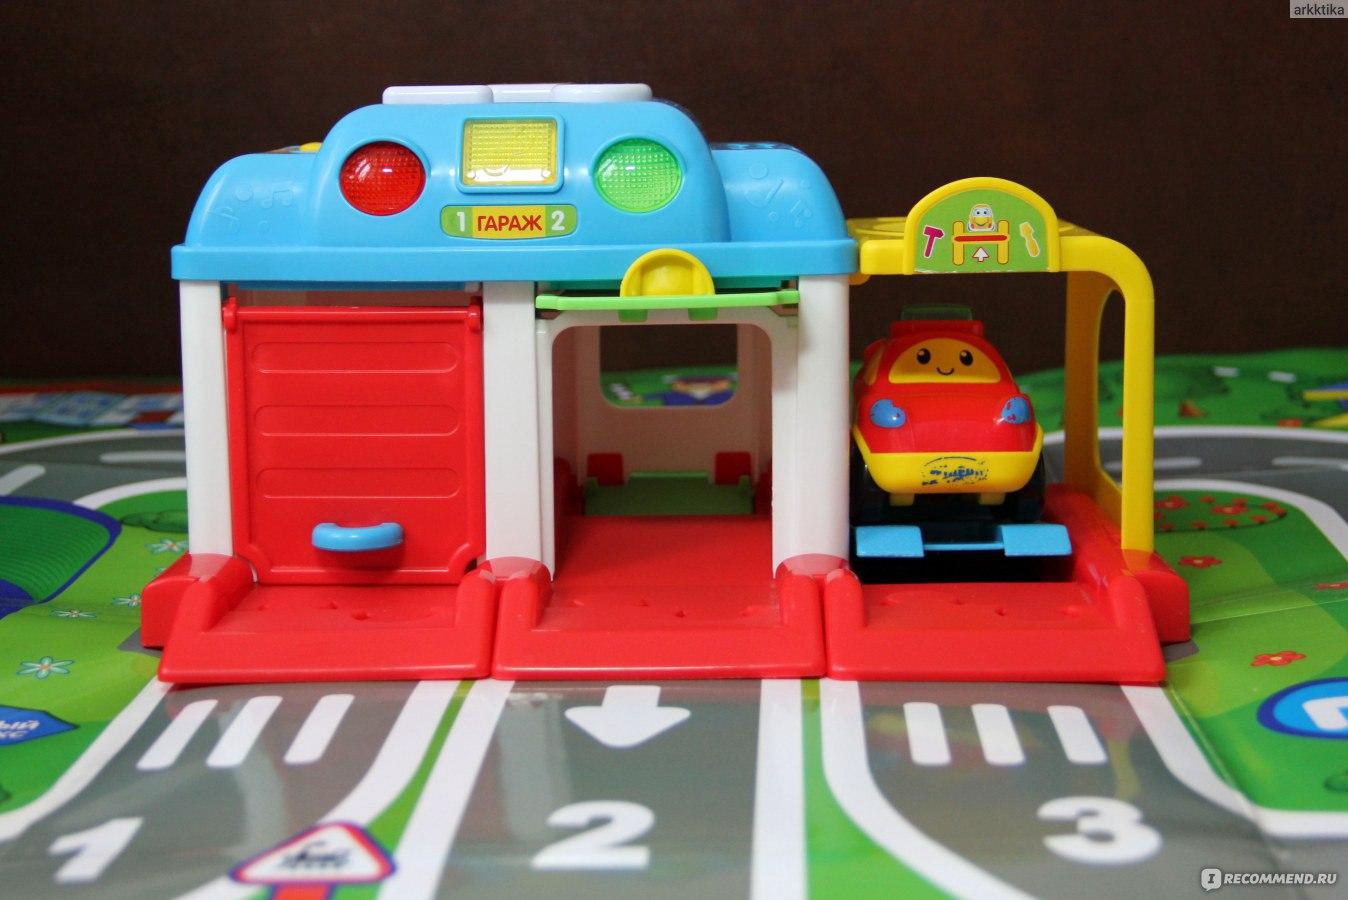 Купить интерактивный гараж умка гараж в люберцах городок б купить